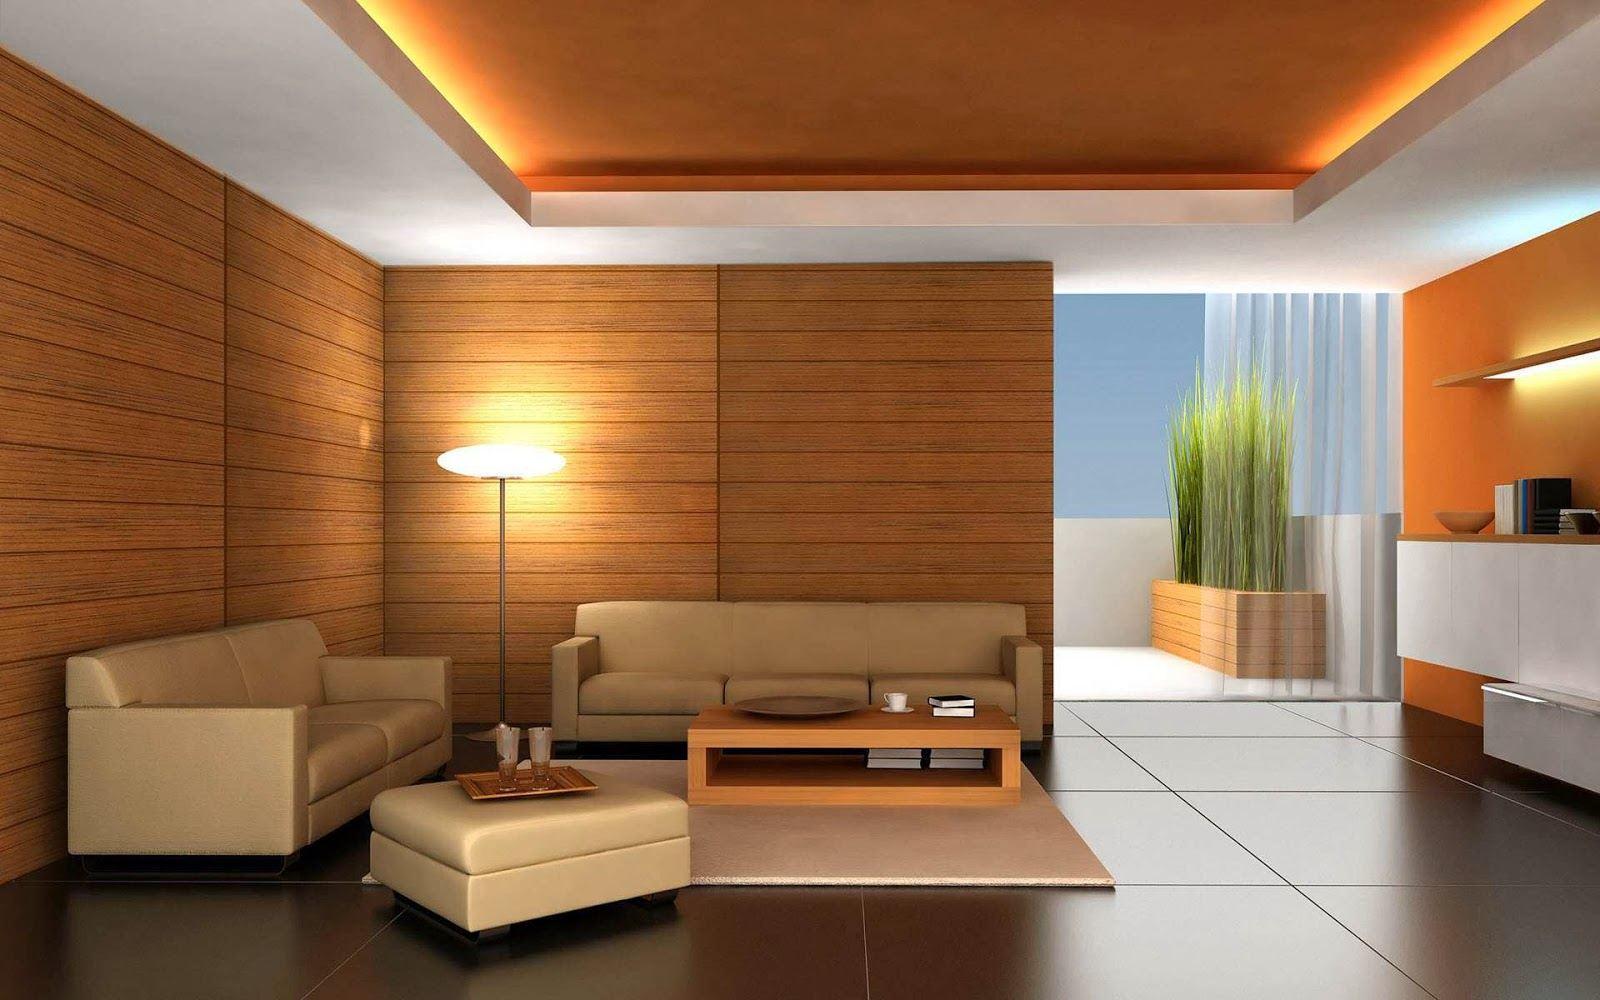 6 Desain Plafon Rumah Minimalis Yang Belum Pernah Kamu Lihat